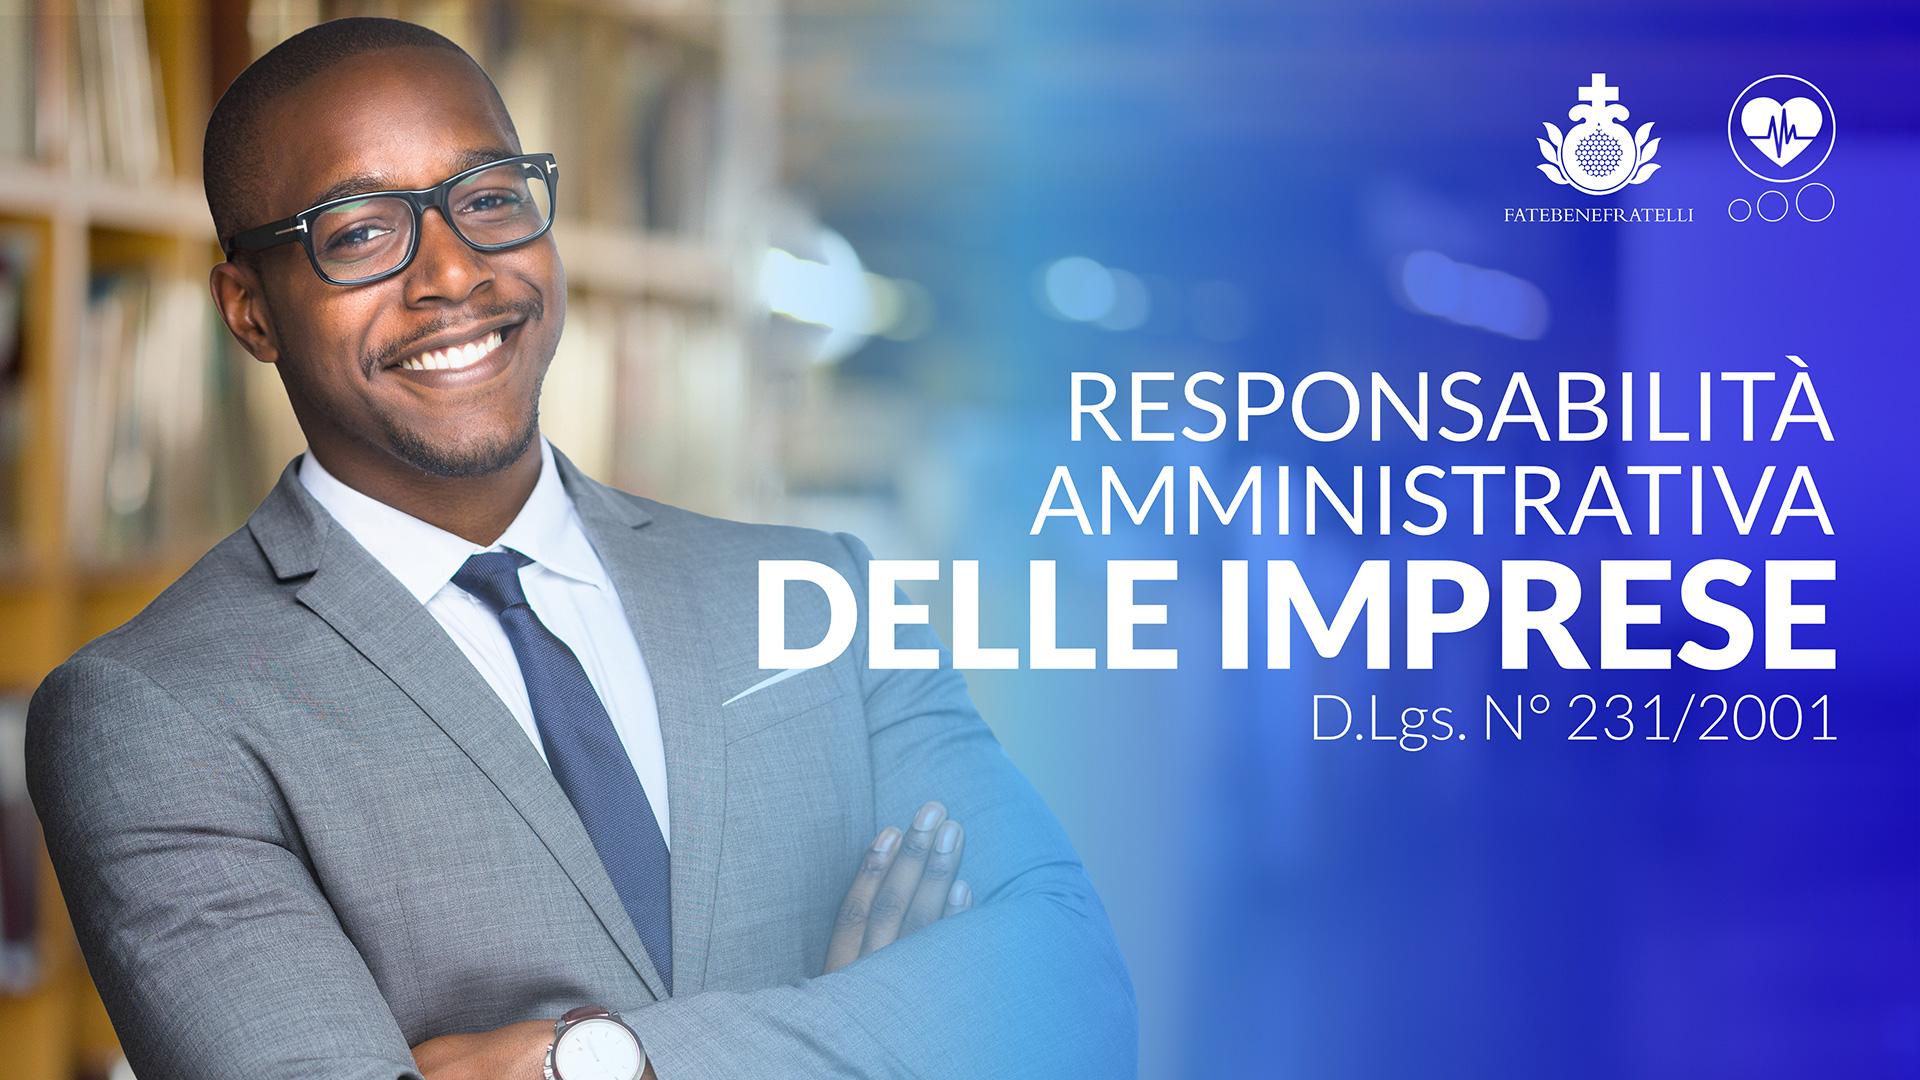 Responsabilità amministrativa delle imprese – D.Lgs. N° 231/ 2001